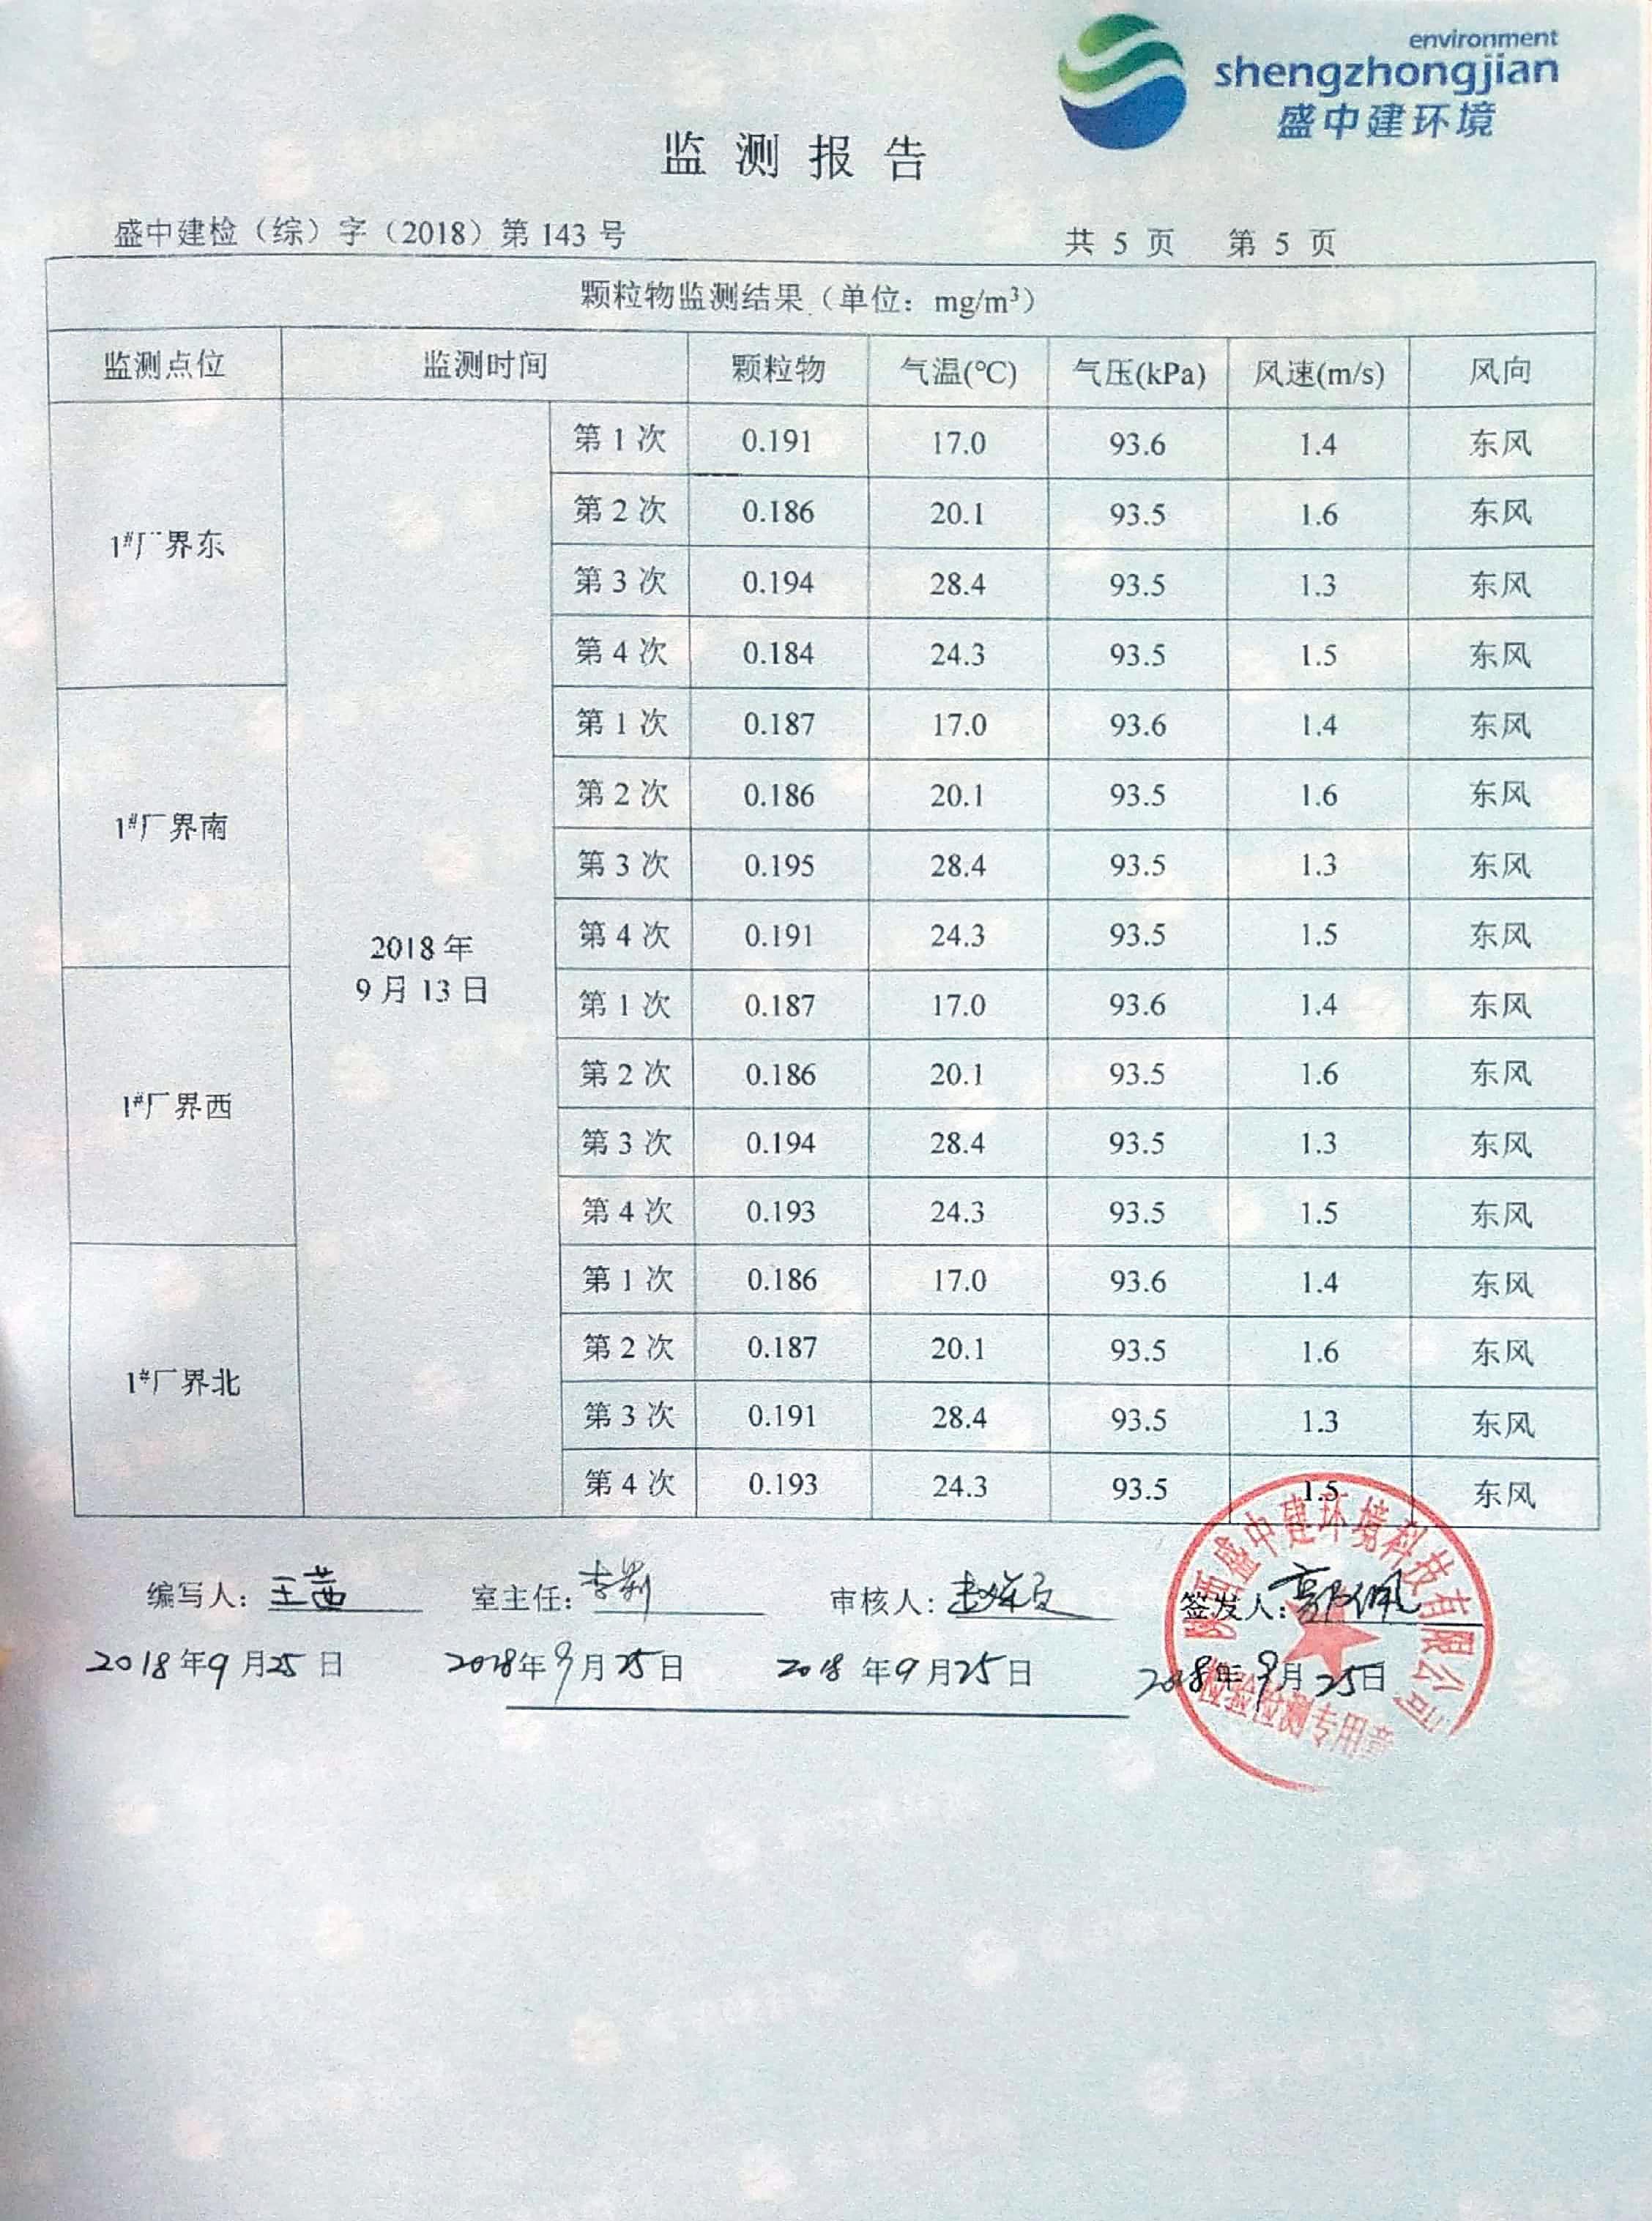 环境保护验收监测报告-2